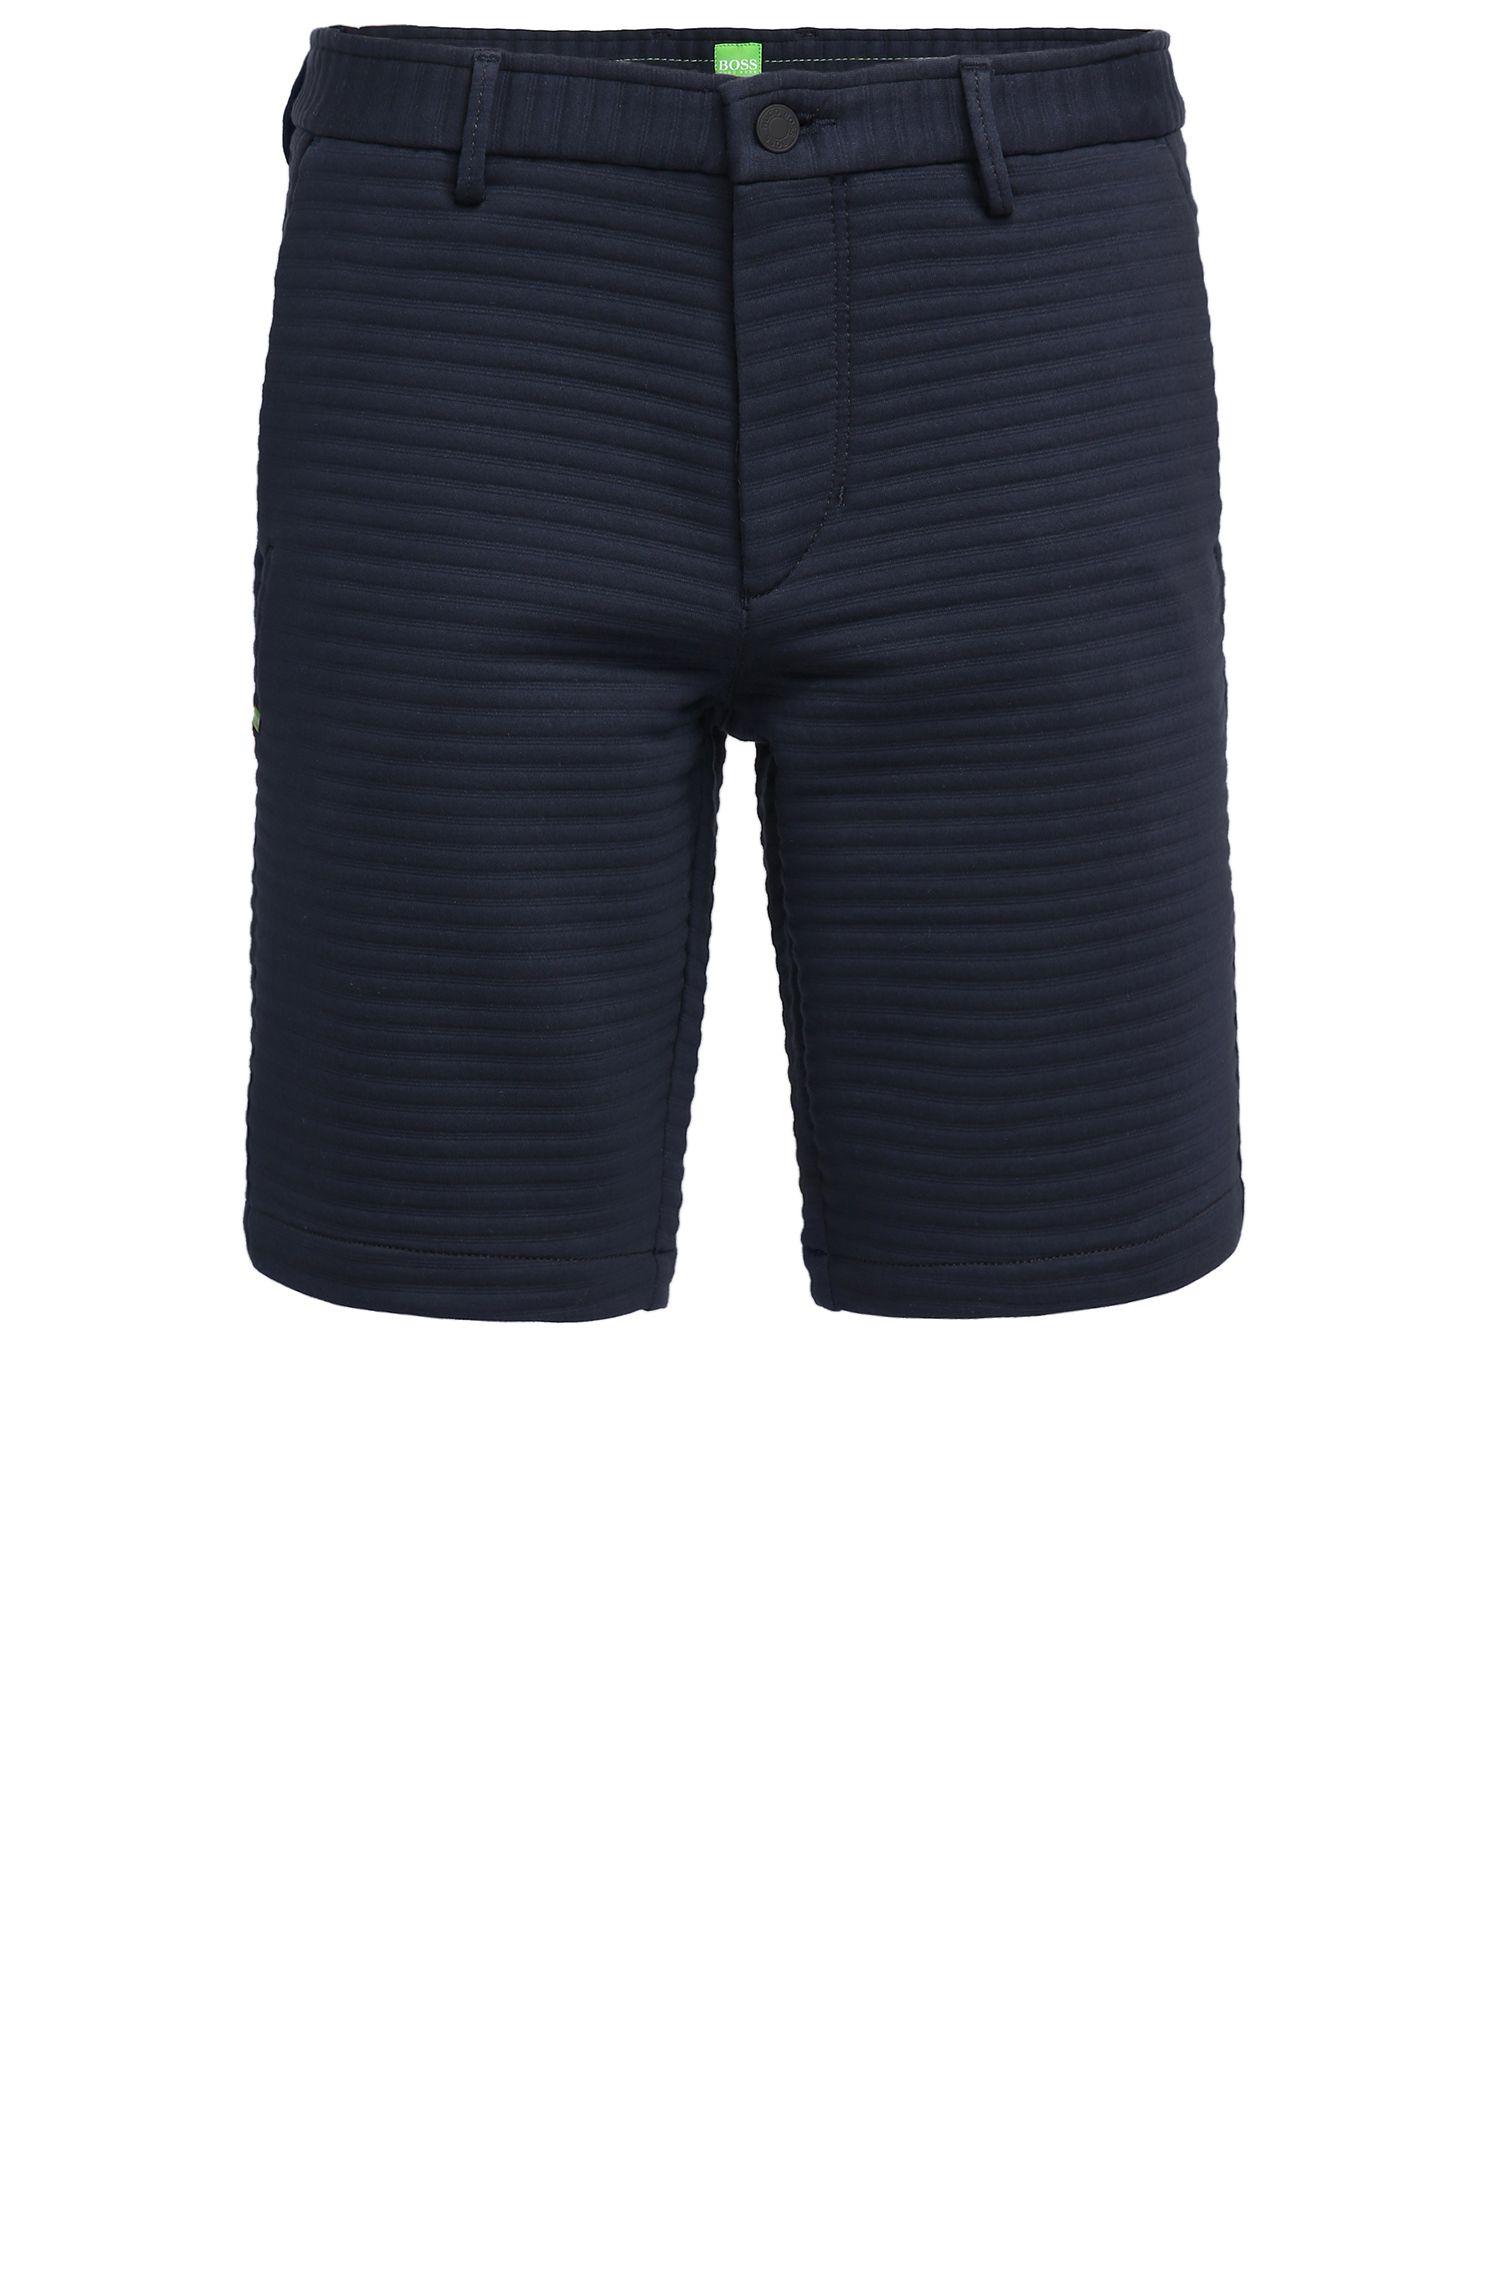 Short Slim Fit en jersey italien structuré